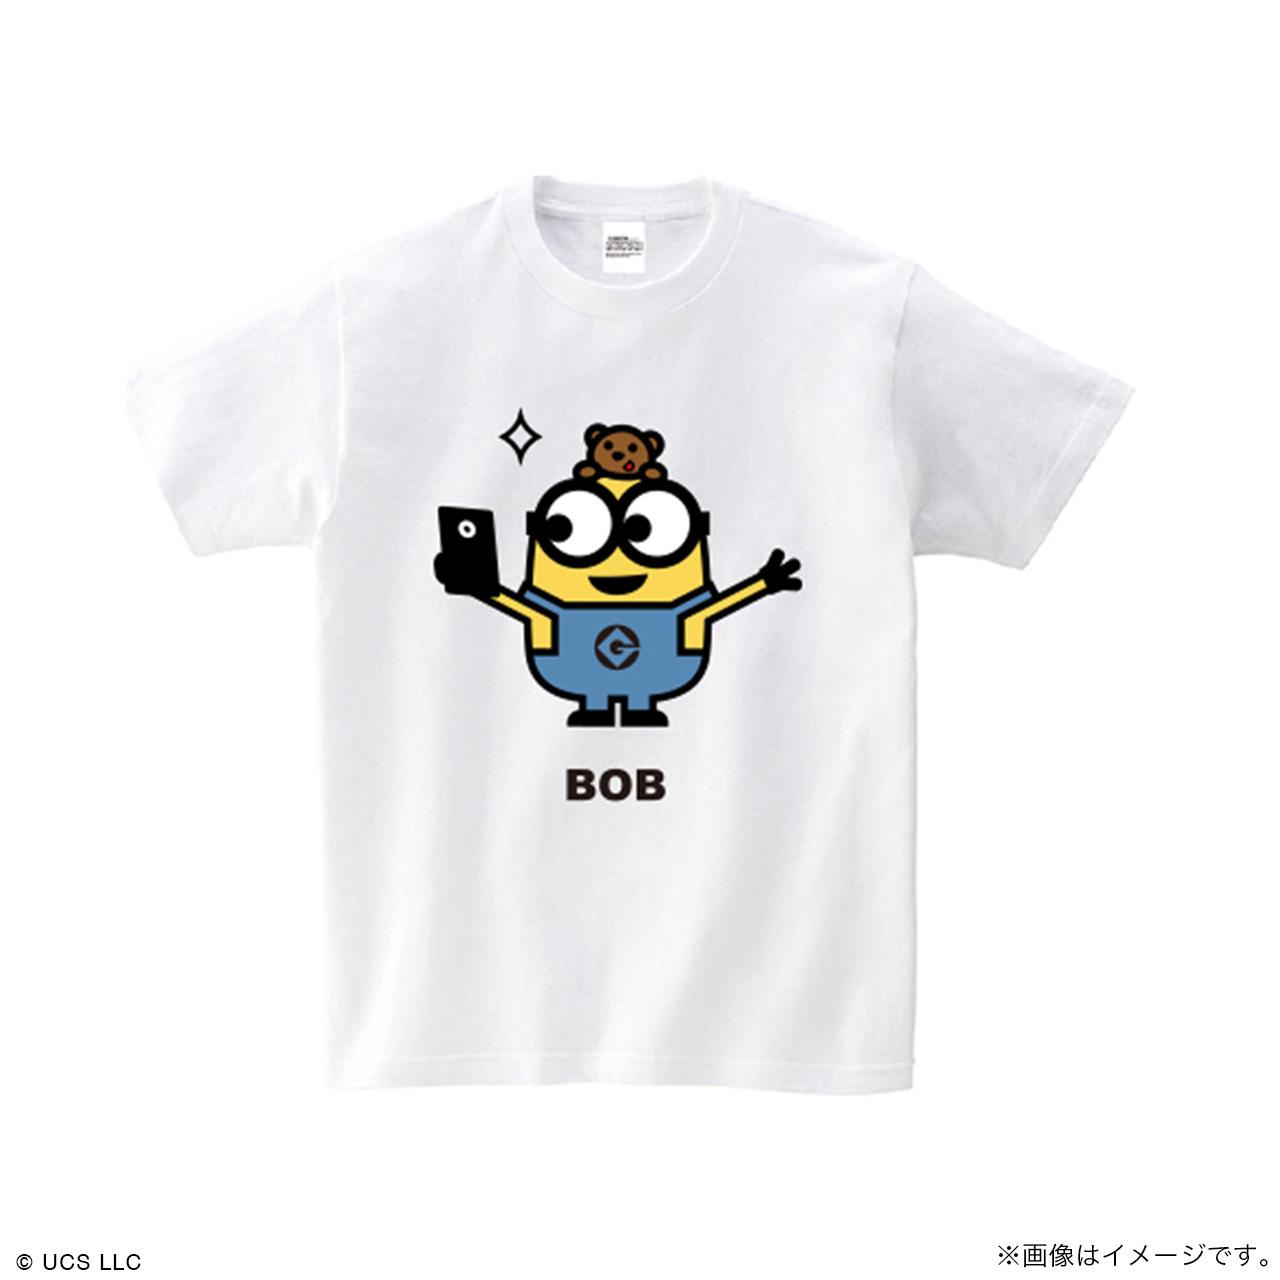 キッズTシャツ/ミニオン(ボブ ホワイト)【MINIONS POP UP STORE 限定】